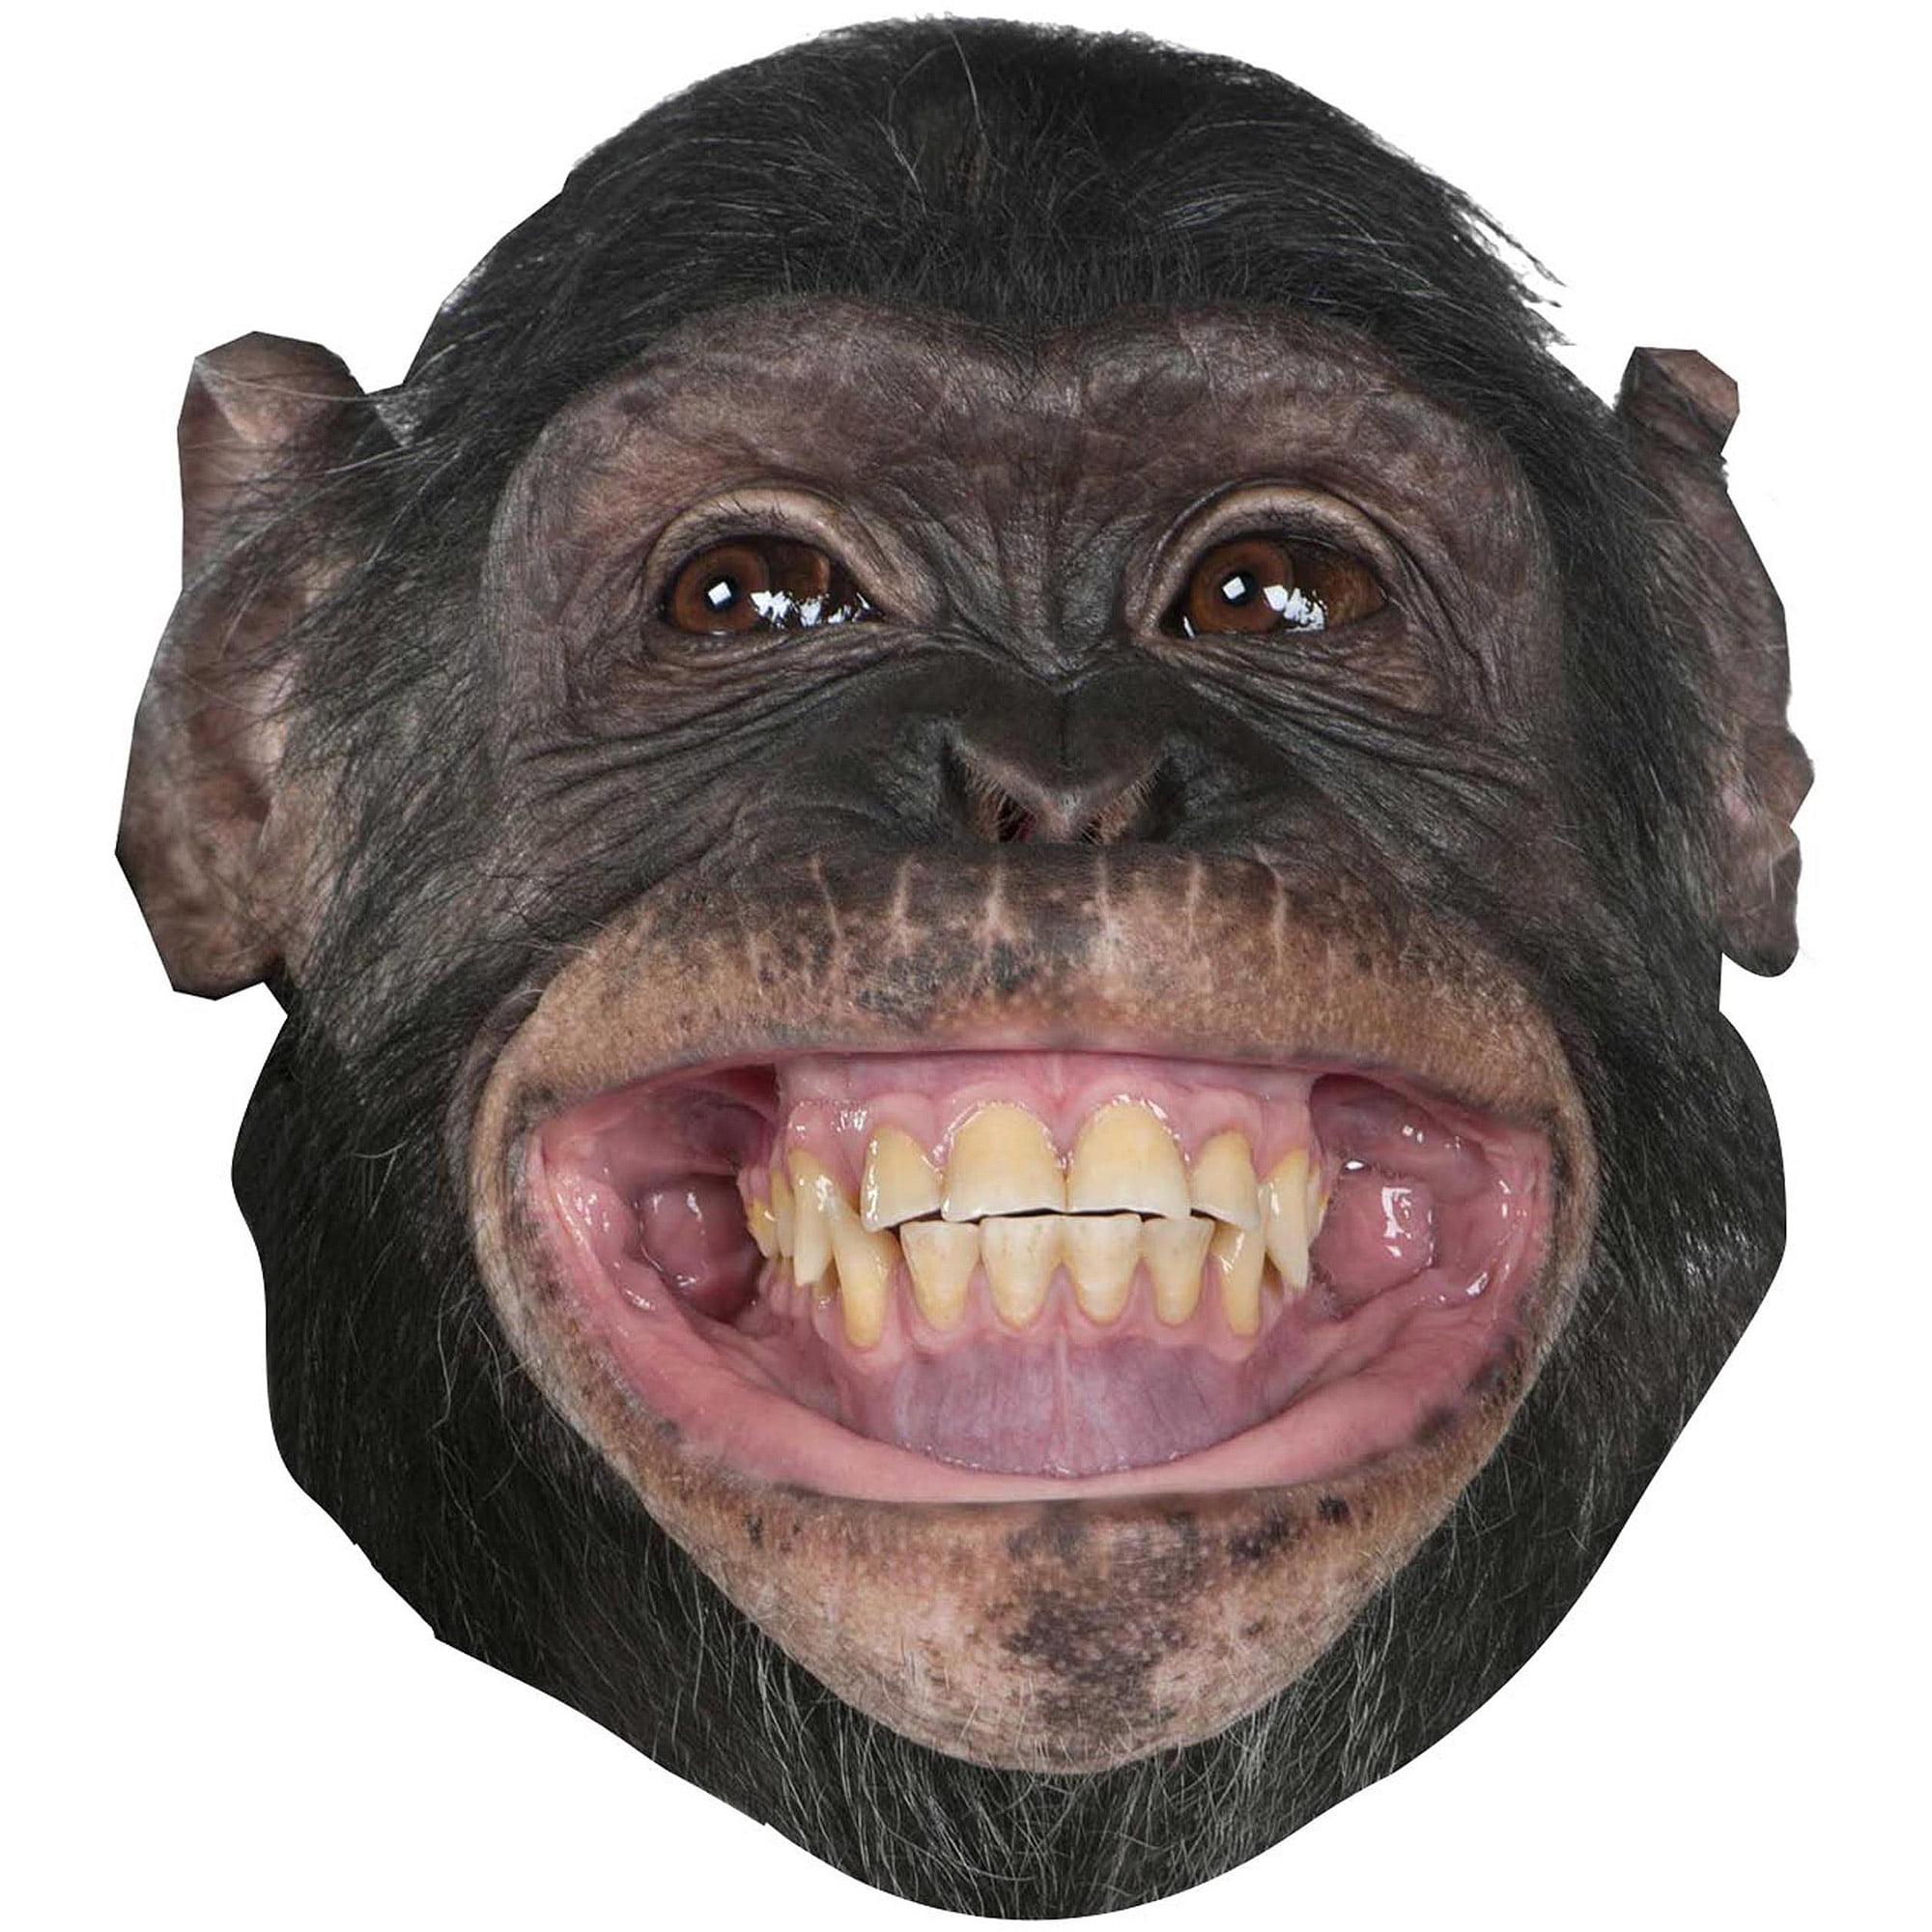 Halloween Giant Monkey Head Mask - Walmart com